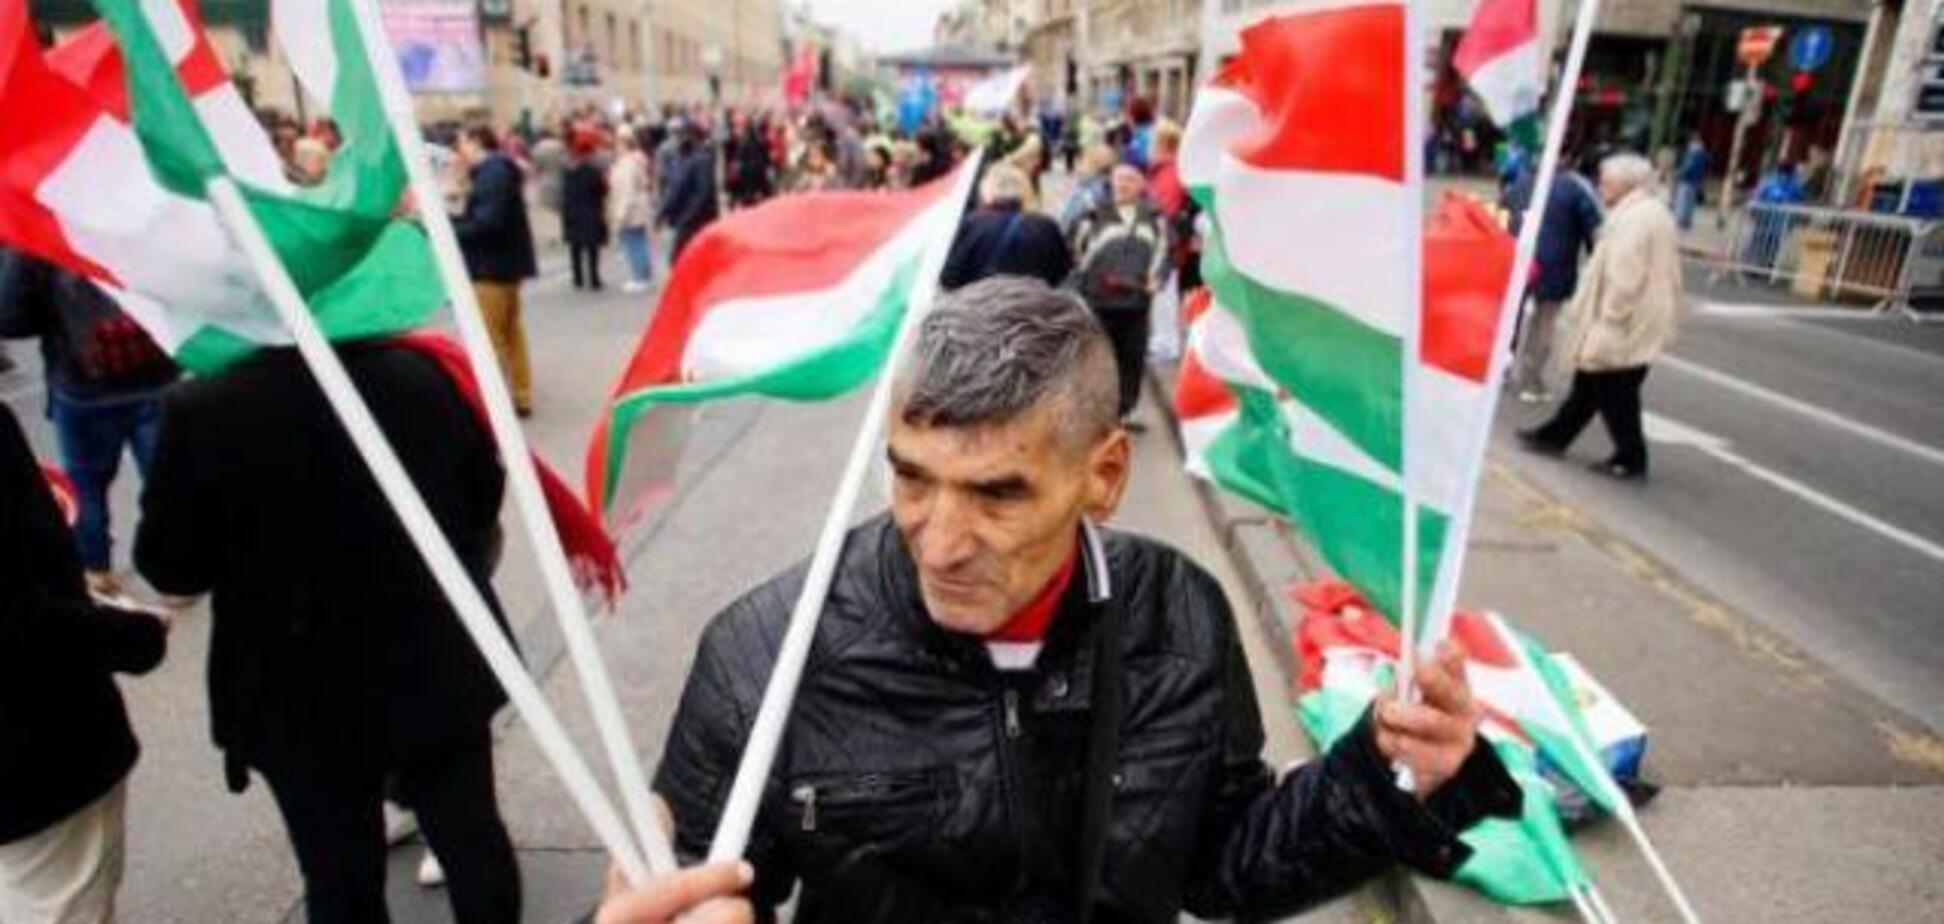 ''Пора наступать'': Ницой призвала ударить по Венгрии